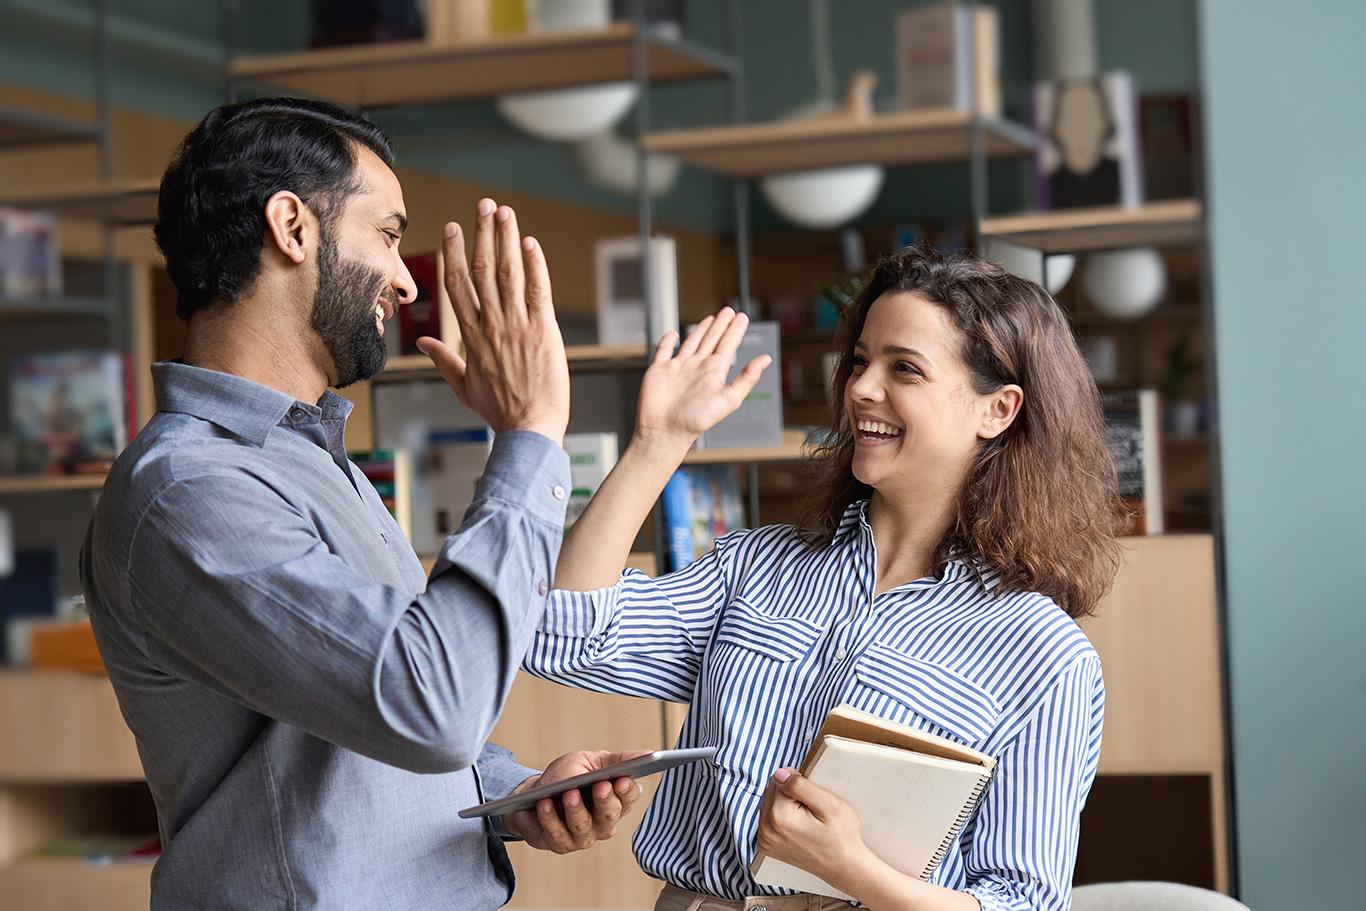 အလုပ်မှာကောင်းမွန်တဲ့ပတ်သက်မှုမျိုးကိုပြုလုပ်ကြပါစို့။/職場でいい関係を作ろう